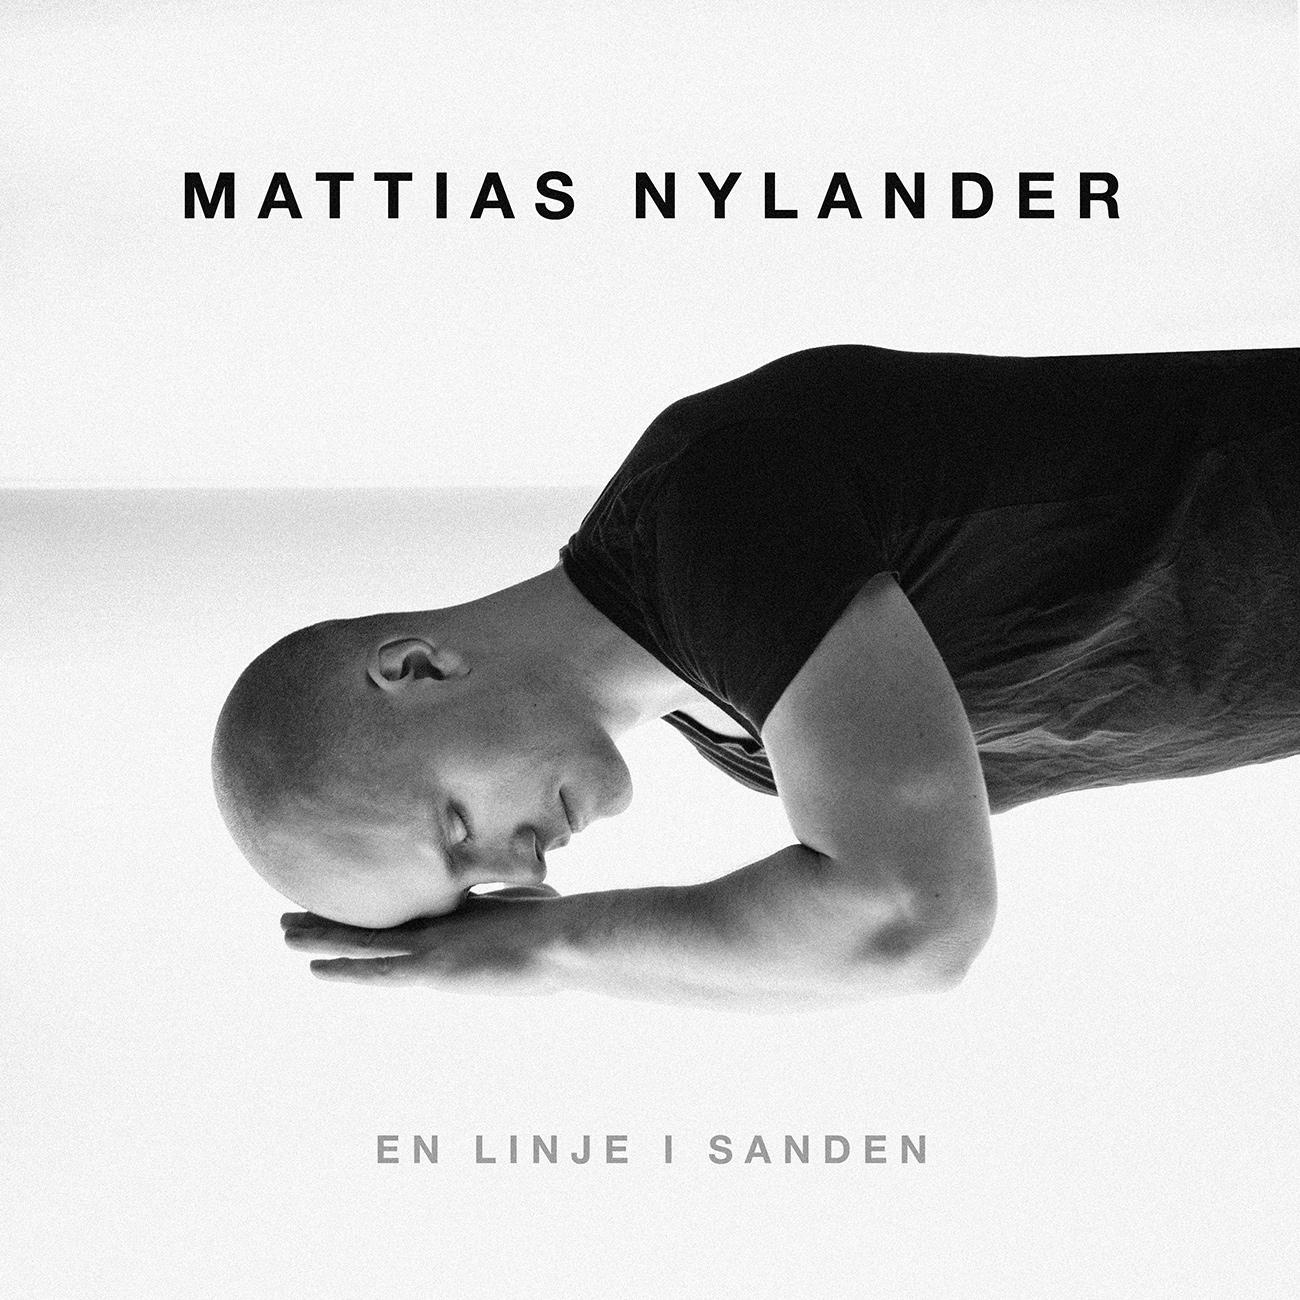 Mattias-Nylander-1